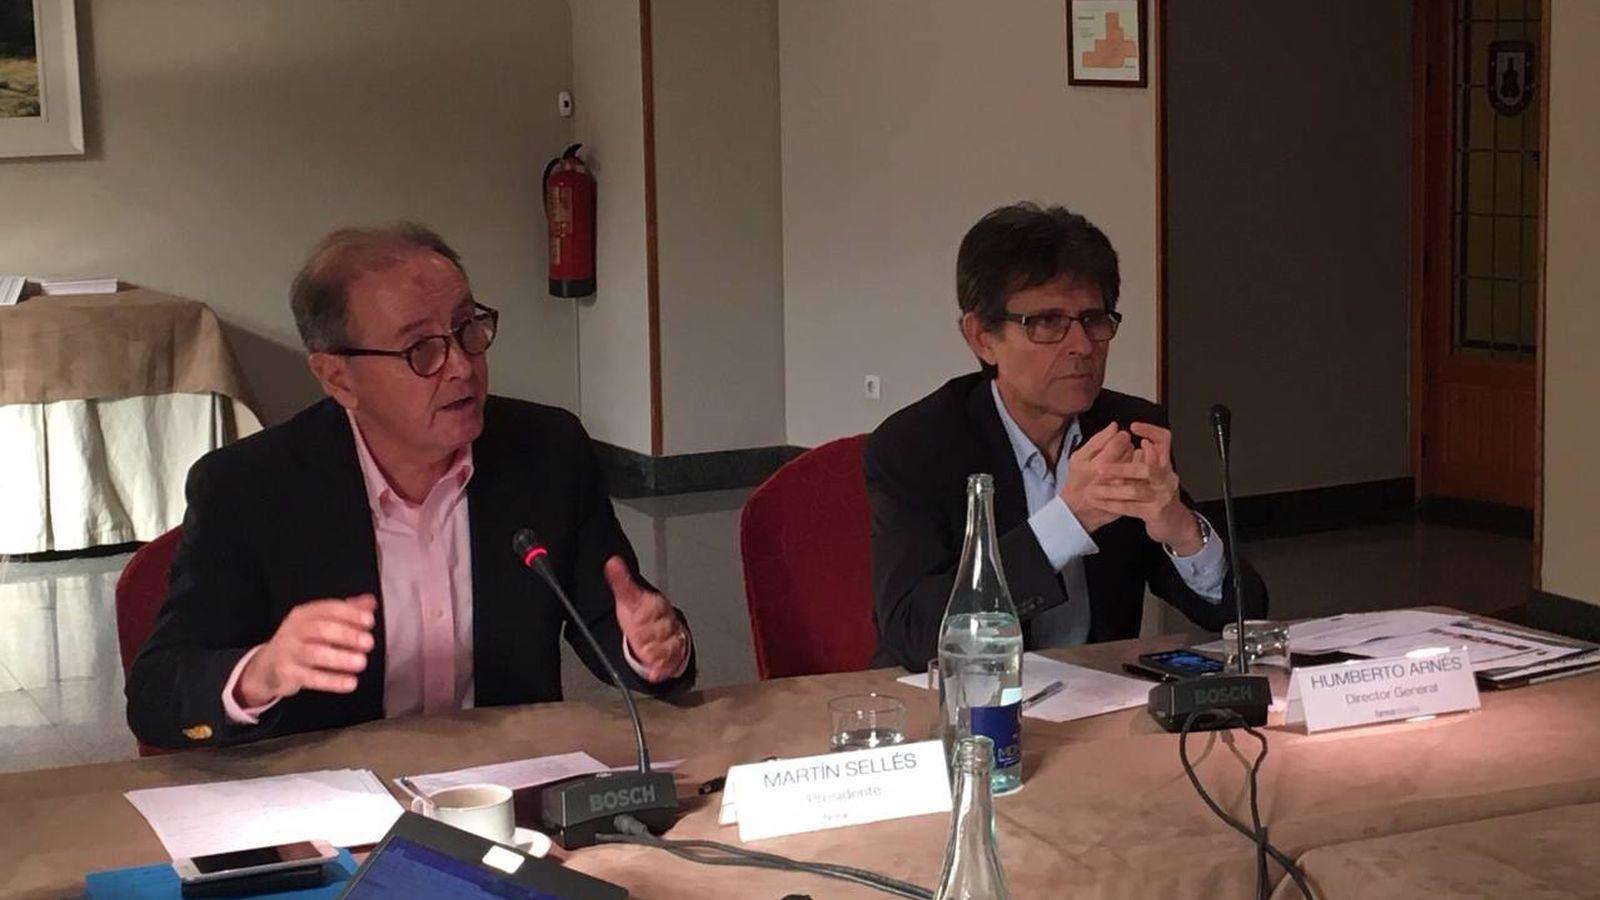 Foto: Martín Sellés (izq) y Humberto Arnés, presidente y director general de Farmaindustria.